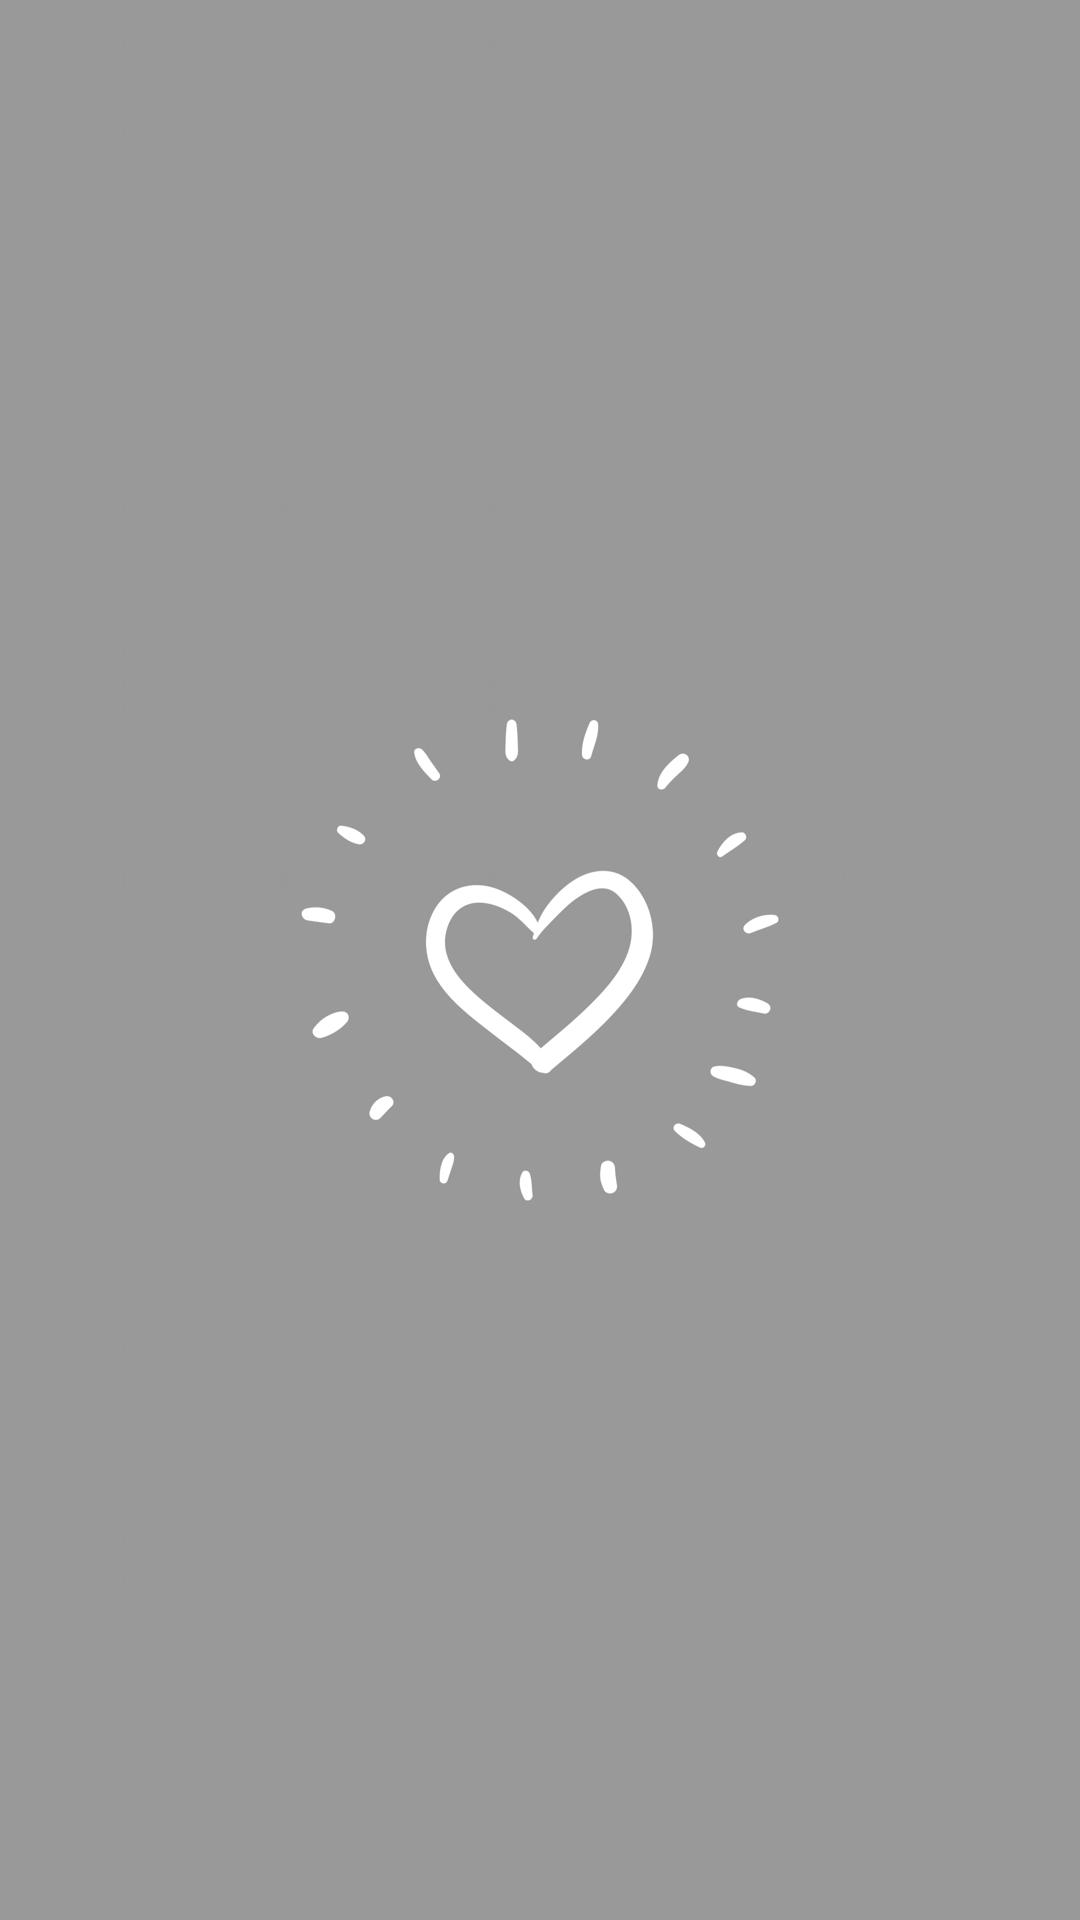 Destaques Instagram Wallpaper Decent Wallpapers Grey Wallpaper Iphone